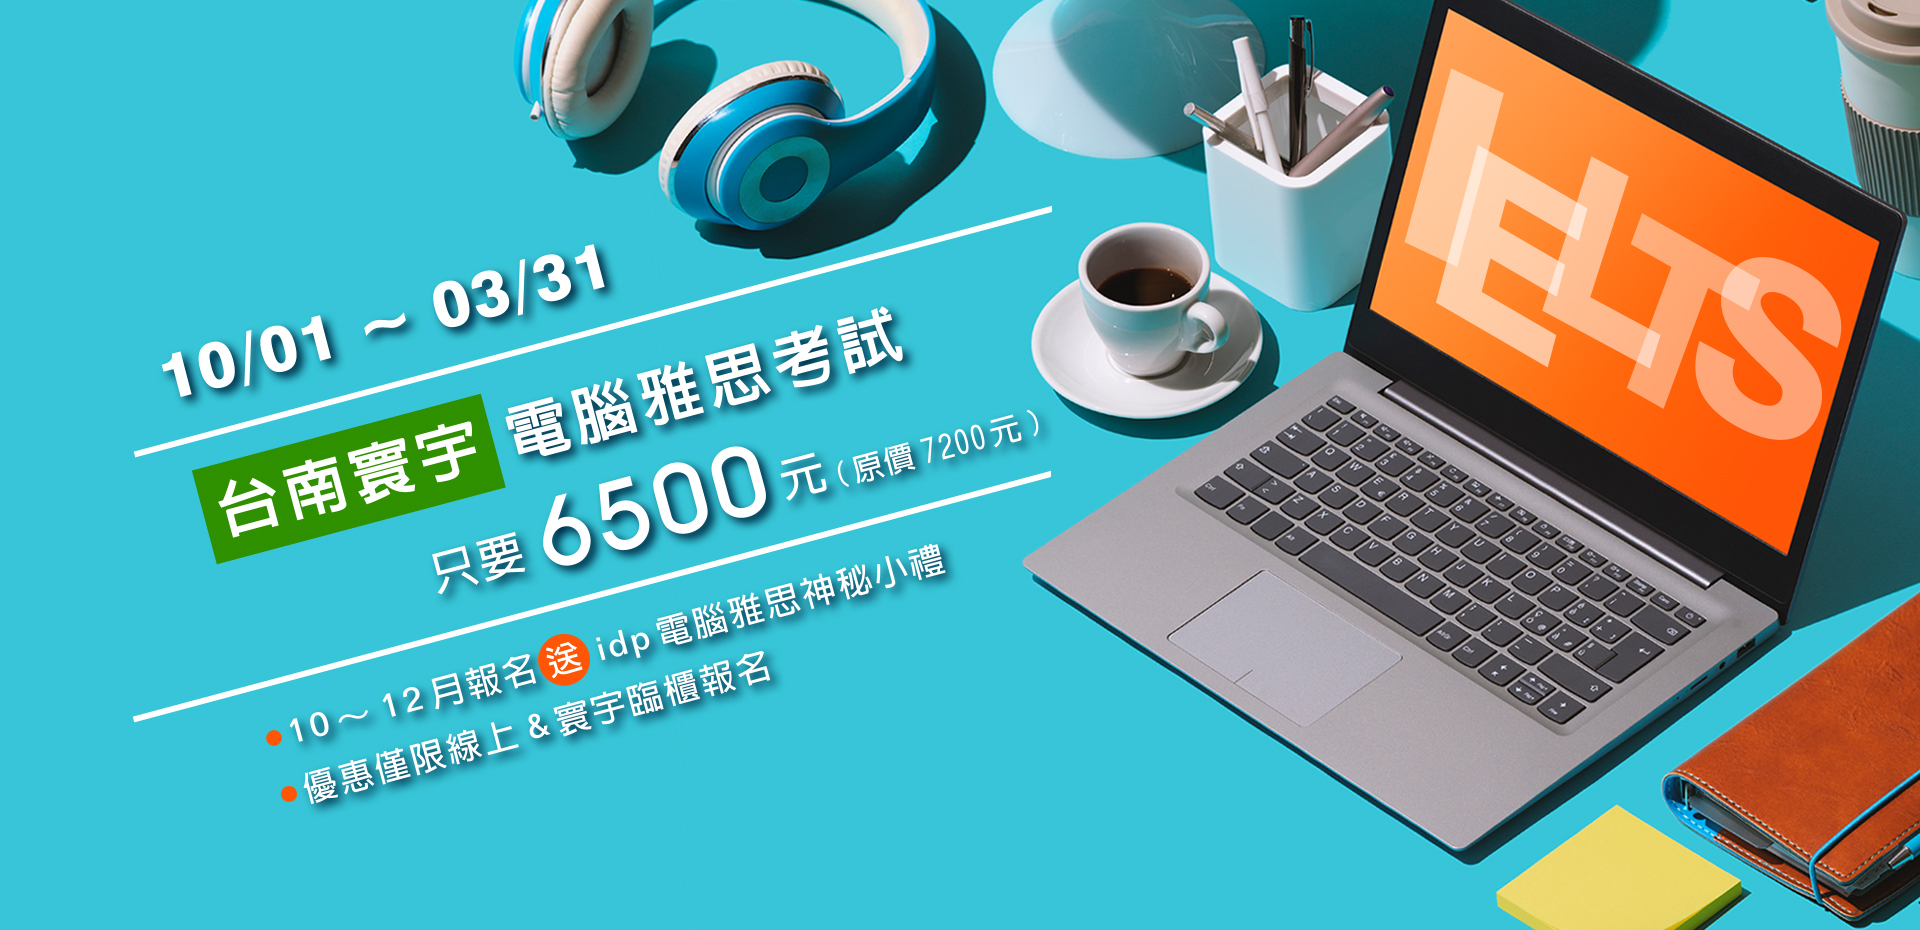 台南電腦雅思6500